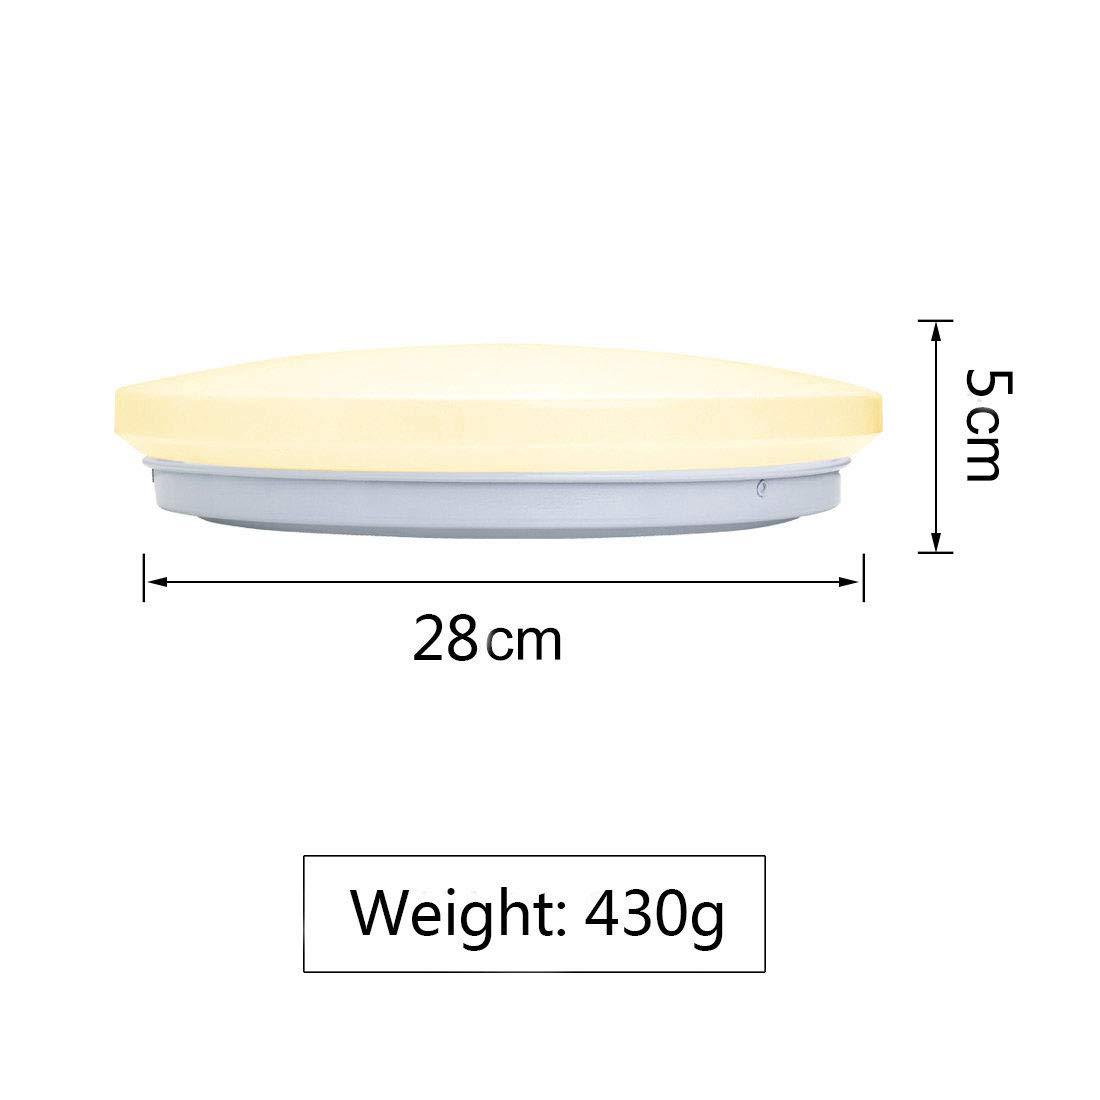 KWODE 18W LED Deckenleuchte Kaltwei/ß 6000K Deckenlampe Deckenbeleuchtung IP44 Rund Badezimmerleuchte Badezimmerlampe Badlampe ideal f/ür Badezimmer Balkon Flur Bad K/üche